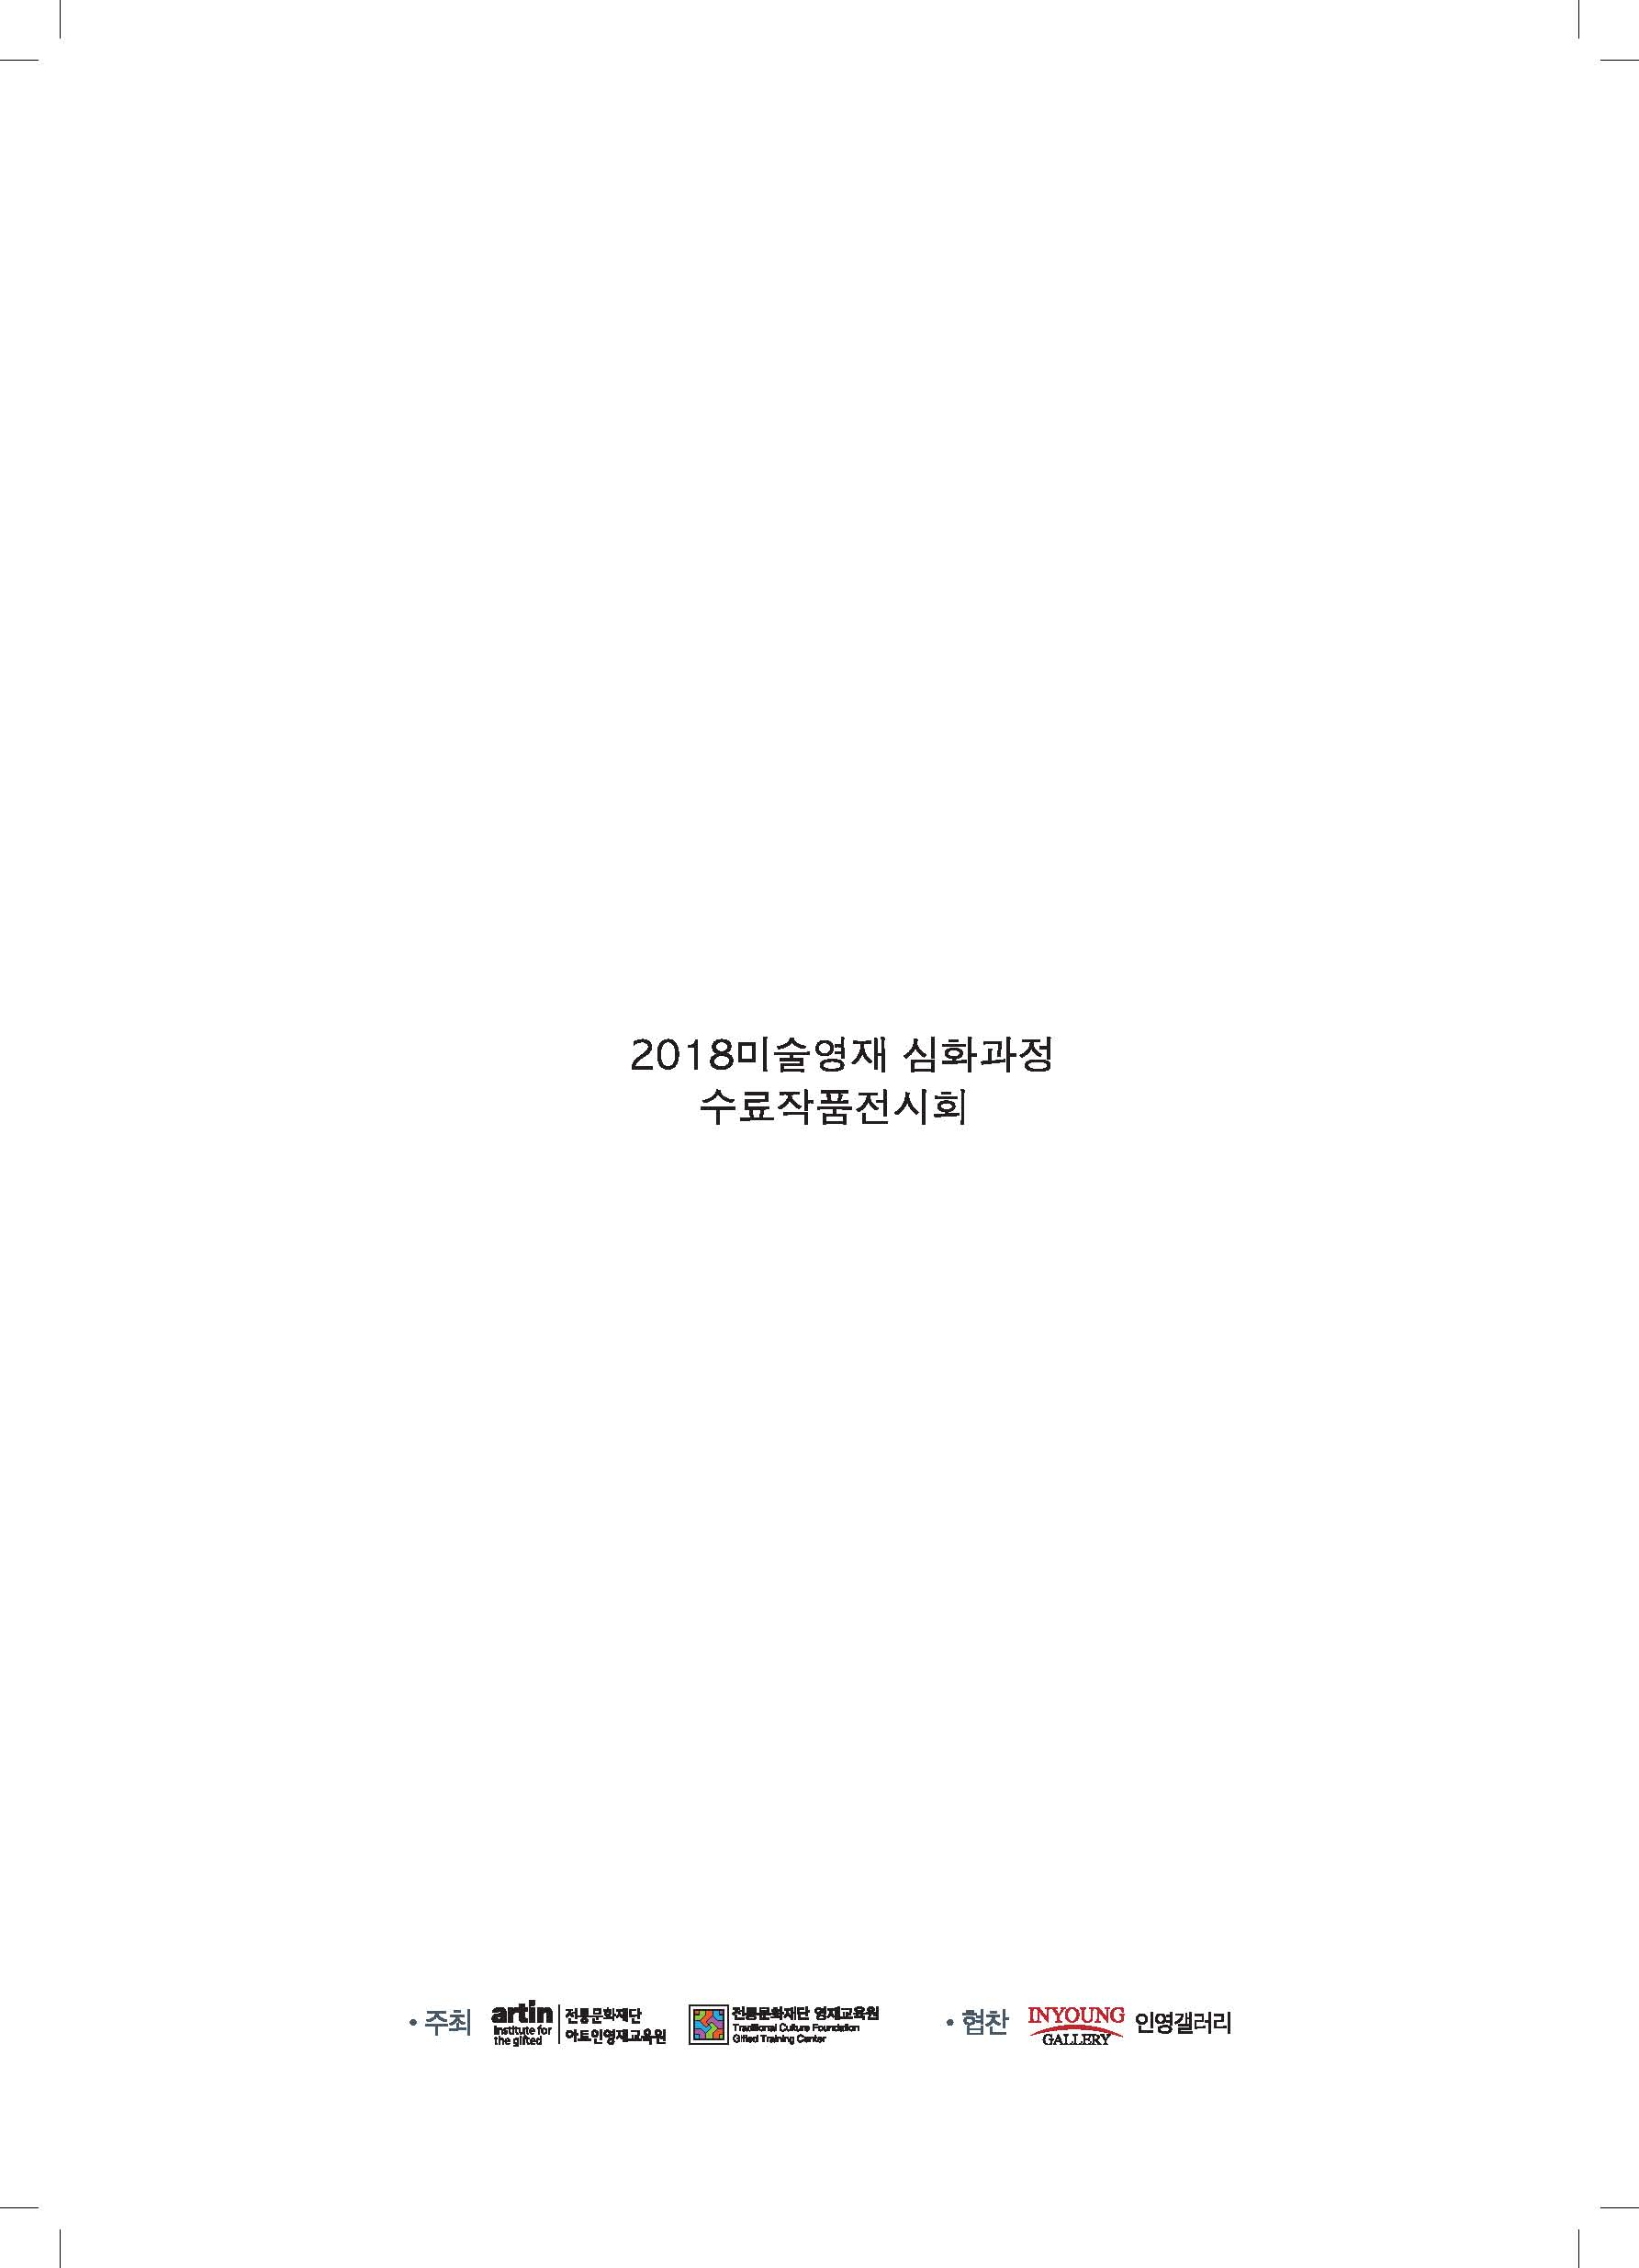 2018_미술영재_브로슈어(인쇄본) 합본_페이지_24.jpg